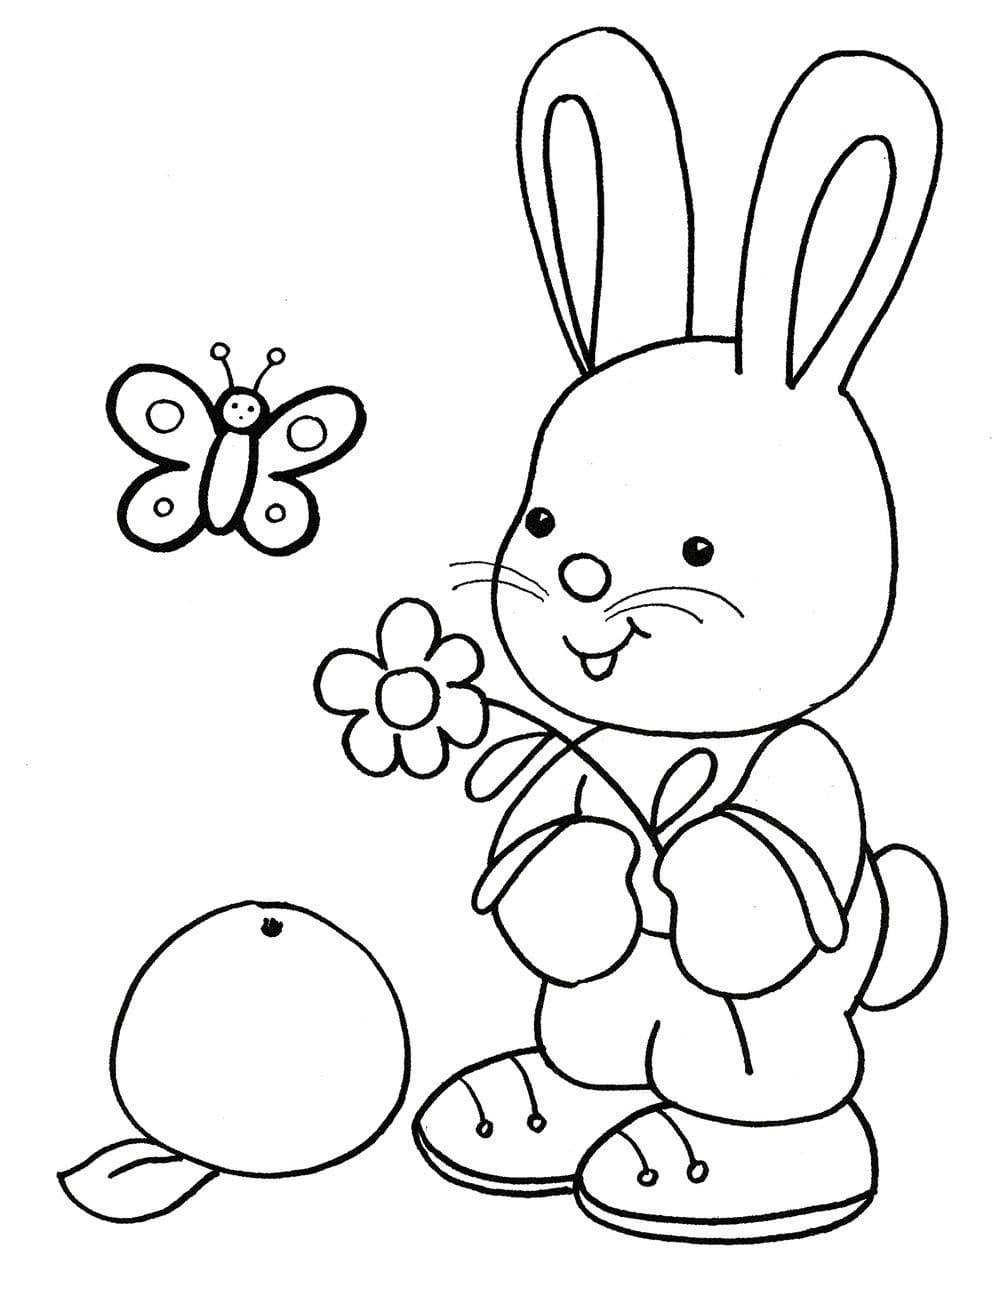 Coloriage Pour Les Enfants De 5 Ans. Imprimer Gratuitement encequiconcerne Jeux Gratuit Pour Garçon 5 Ans